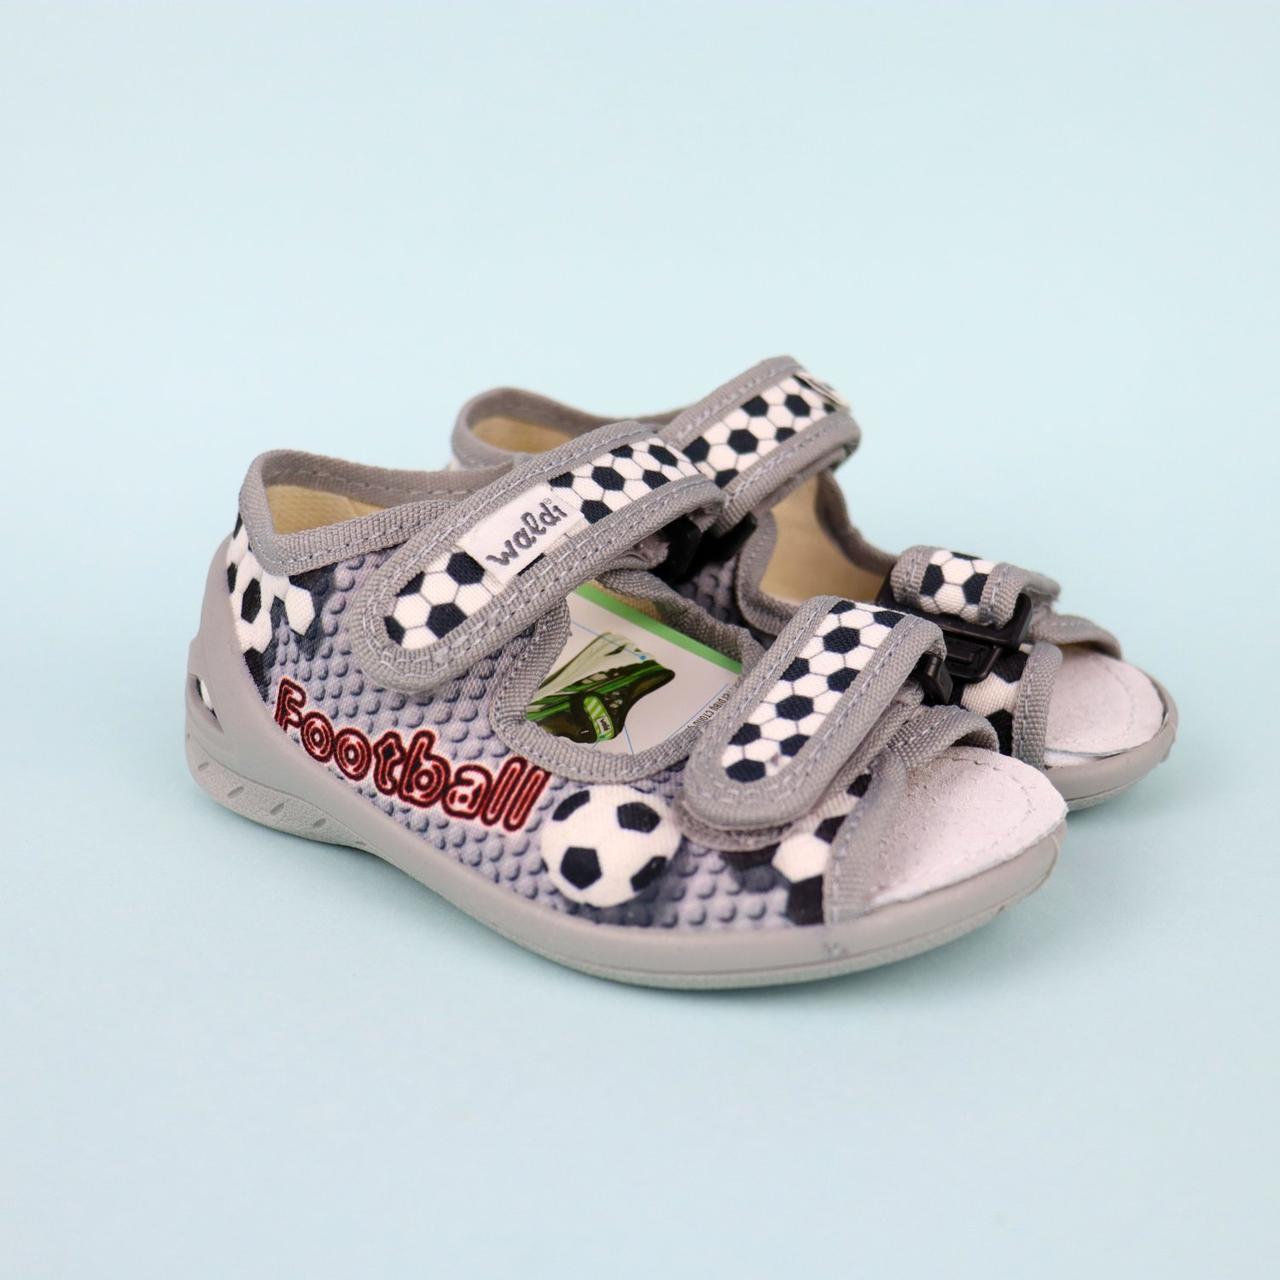 Летние текстильные тапочки на мальчика Тарас детская обувь тм Waldi размер 23,24,26,30